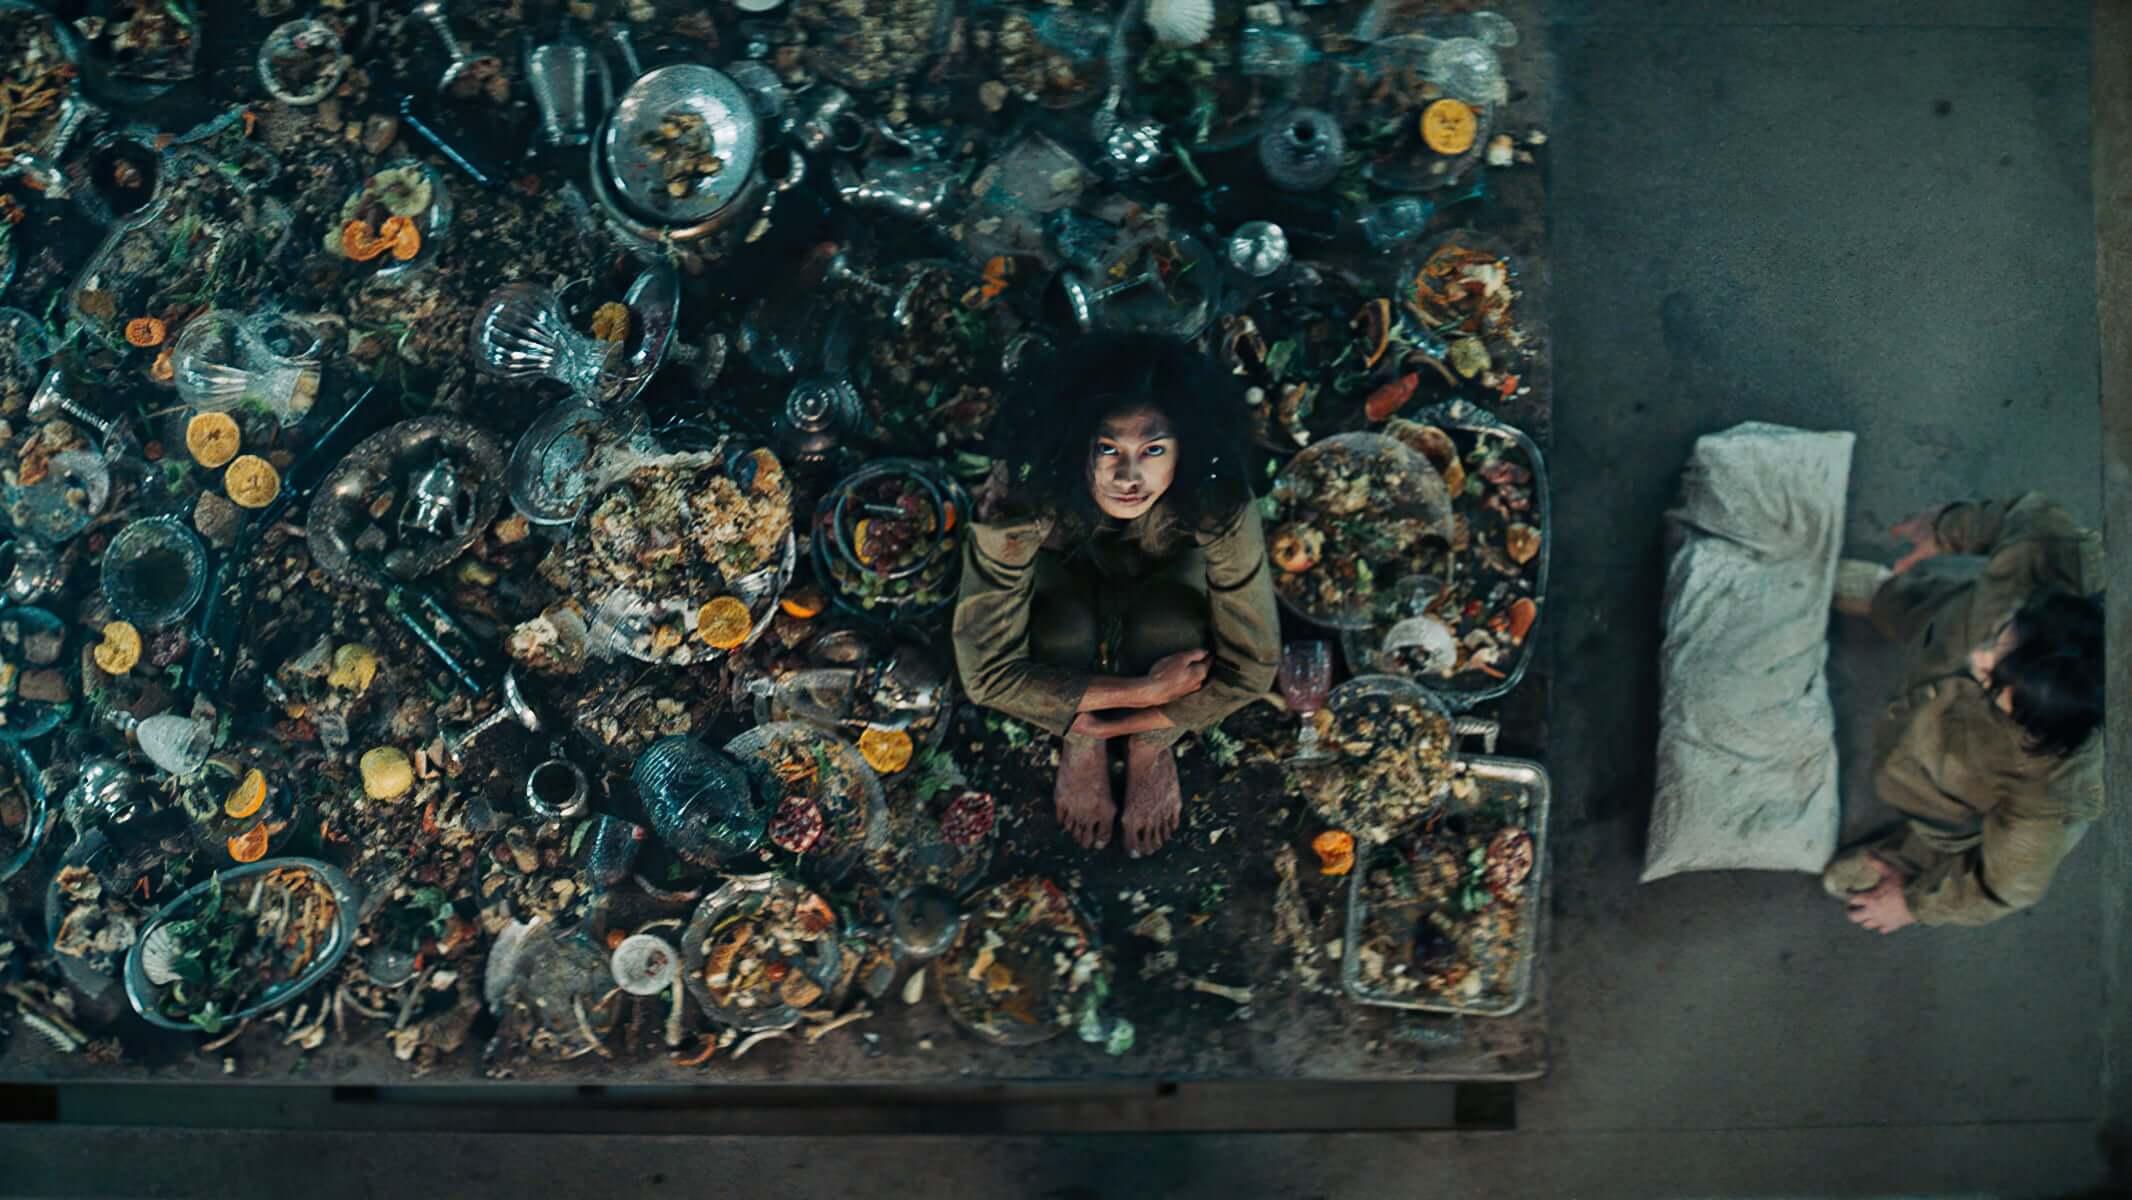 el-hoyo-the-platform-2019-movie